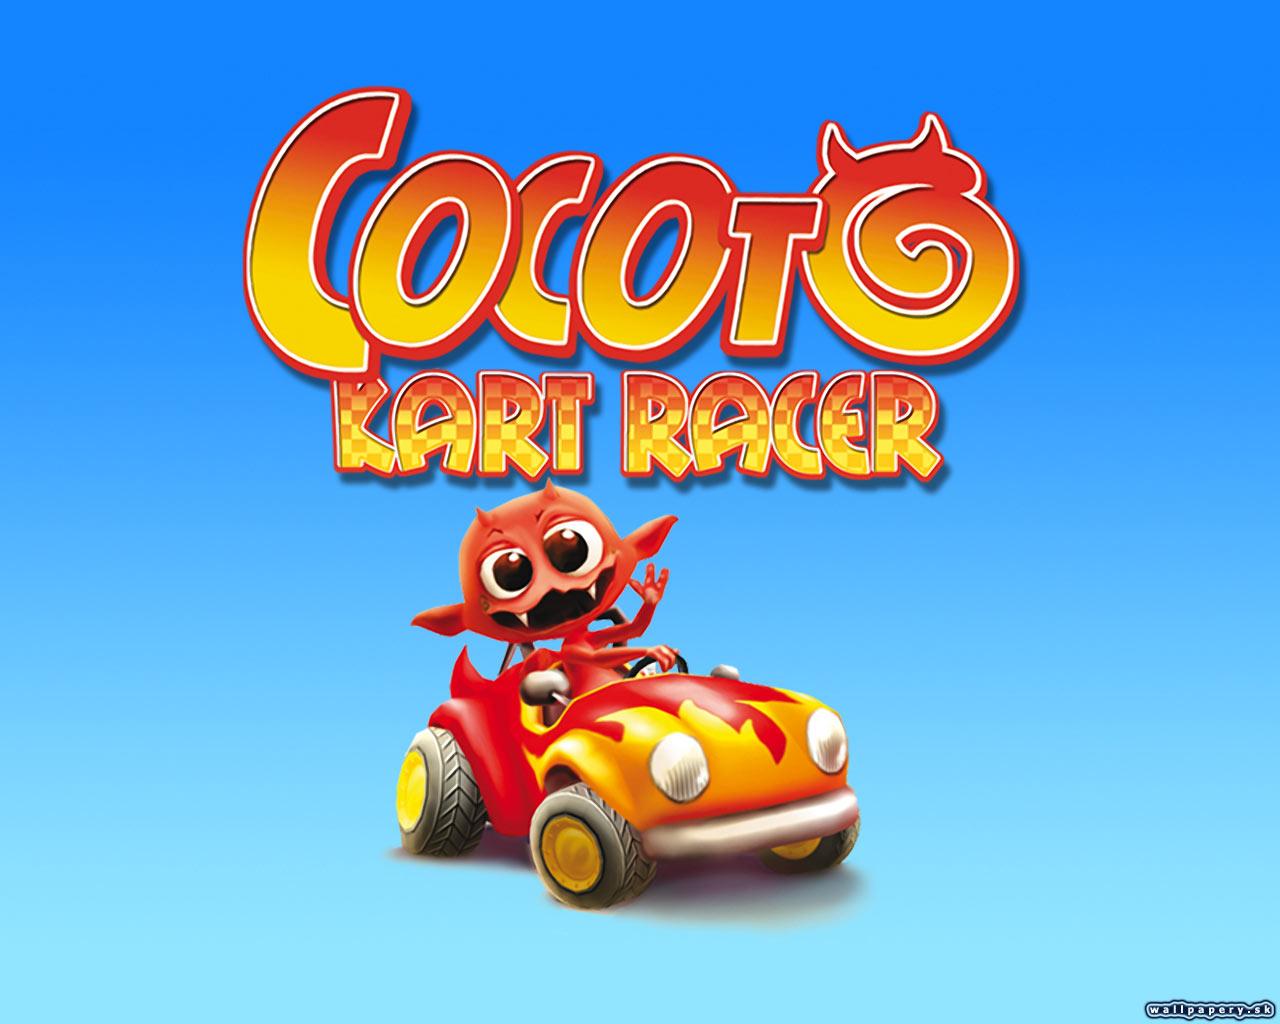 Cocoto kart racer download itunes